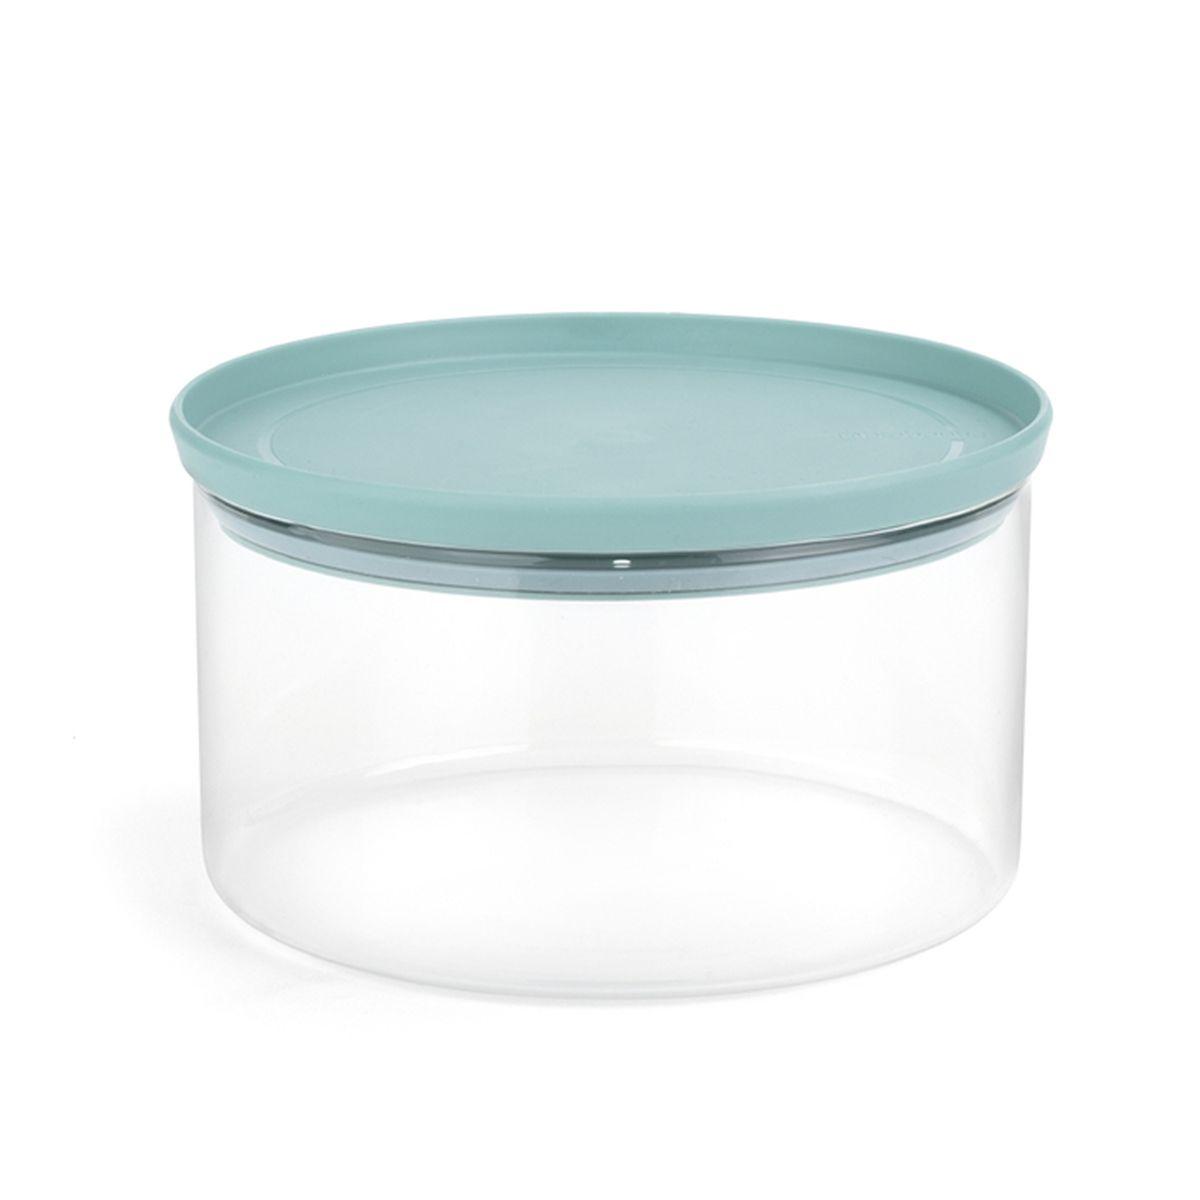 Модульный стеклянный контейнер Brabantia110641Сохранит свою свежесть – герметичная крышка. Экономия места на кухне – банки составляются одна на другую; Легко моется – можно мыть в посудомоечной машине; Прозрачные стенки позволяют видеть содержимое и его объем; Гарантия 10 лет.